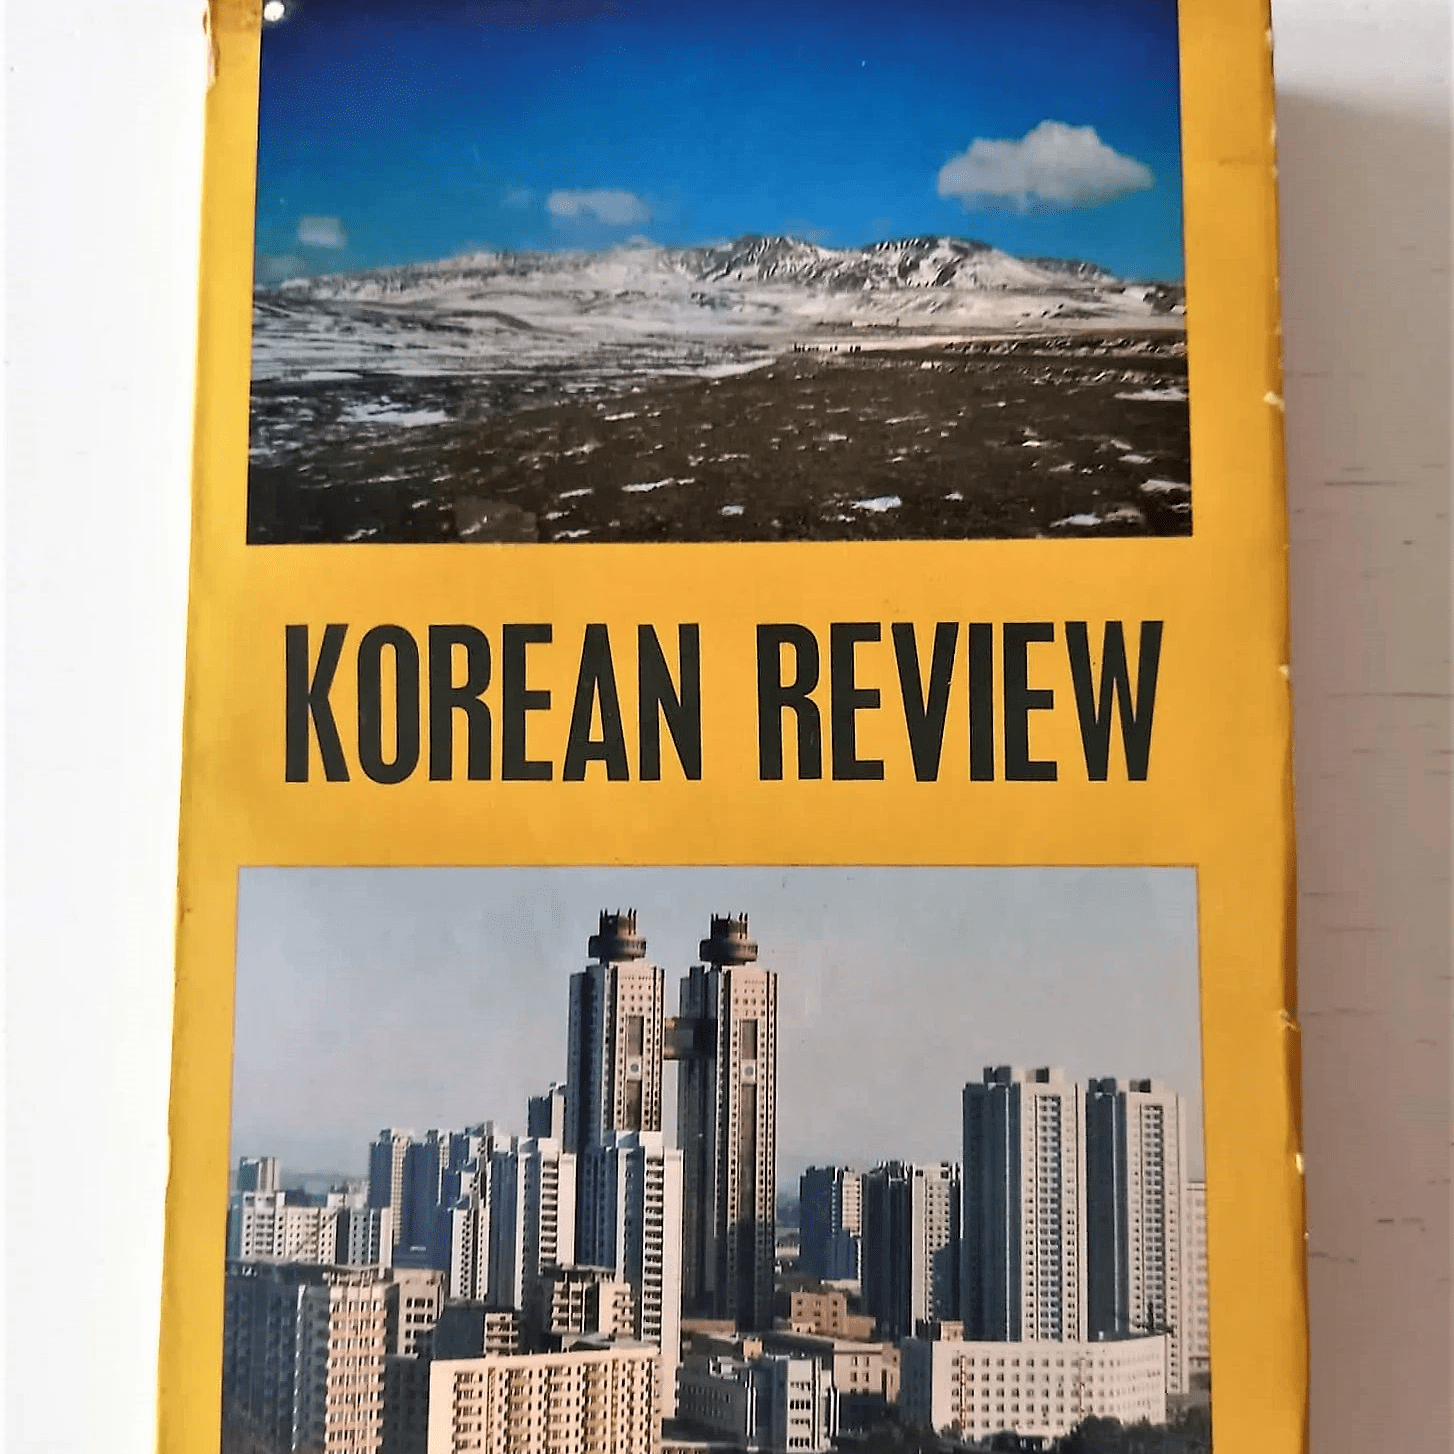 korean-review-1987-1